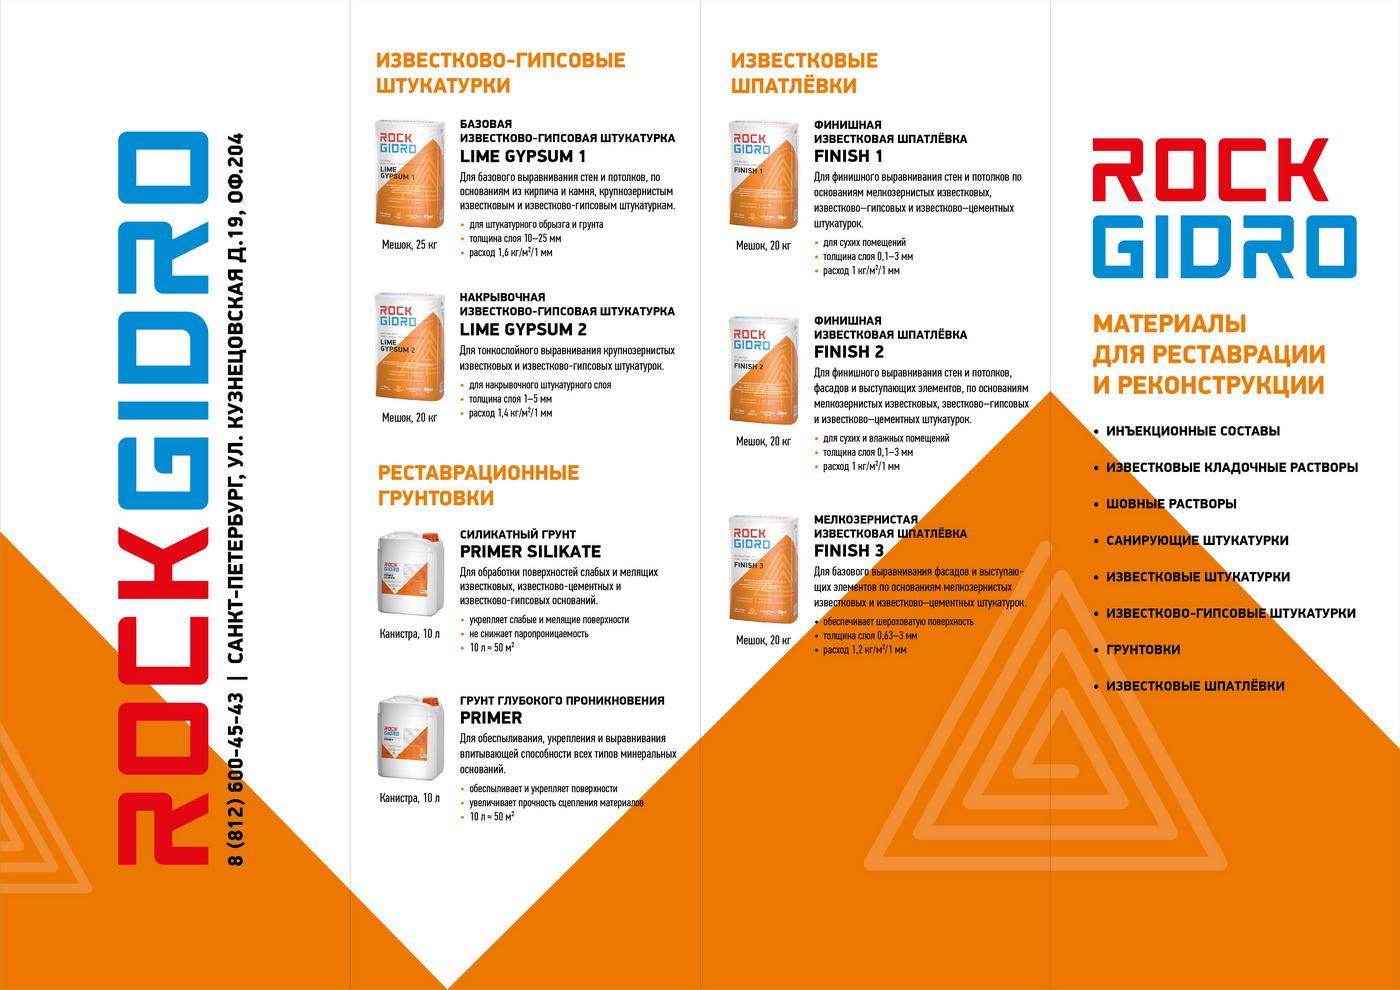 Дизајн евробуклета РоцкГидро